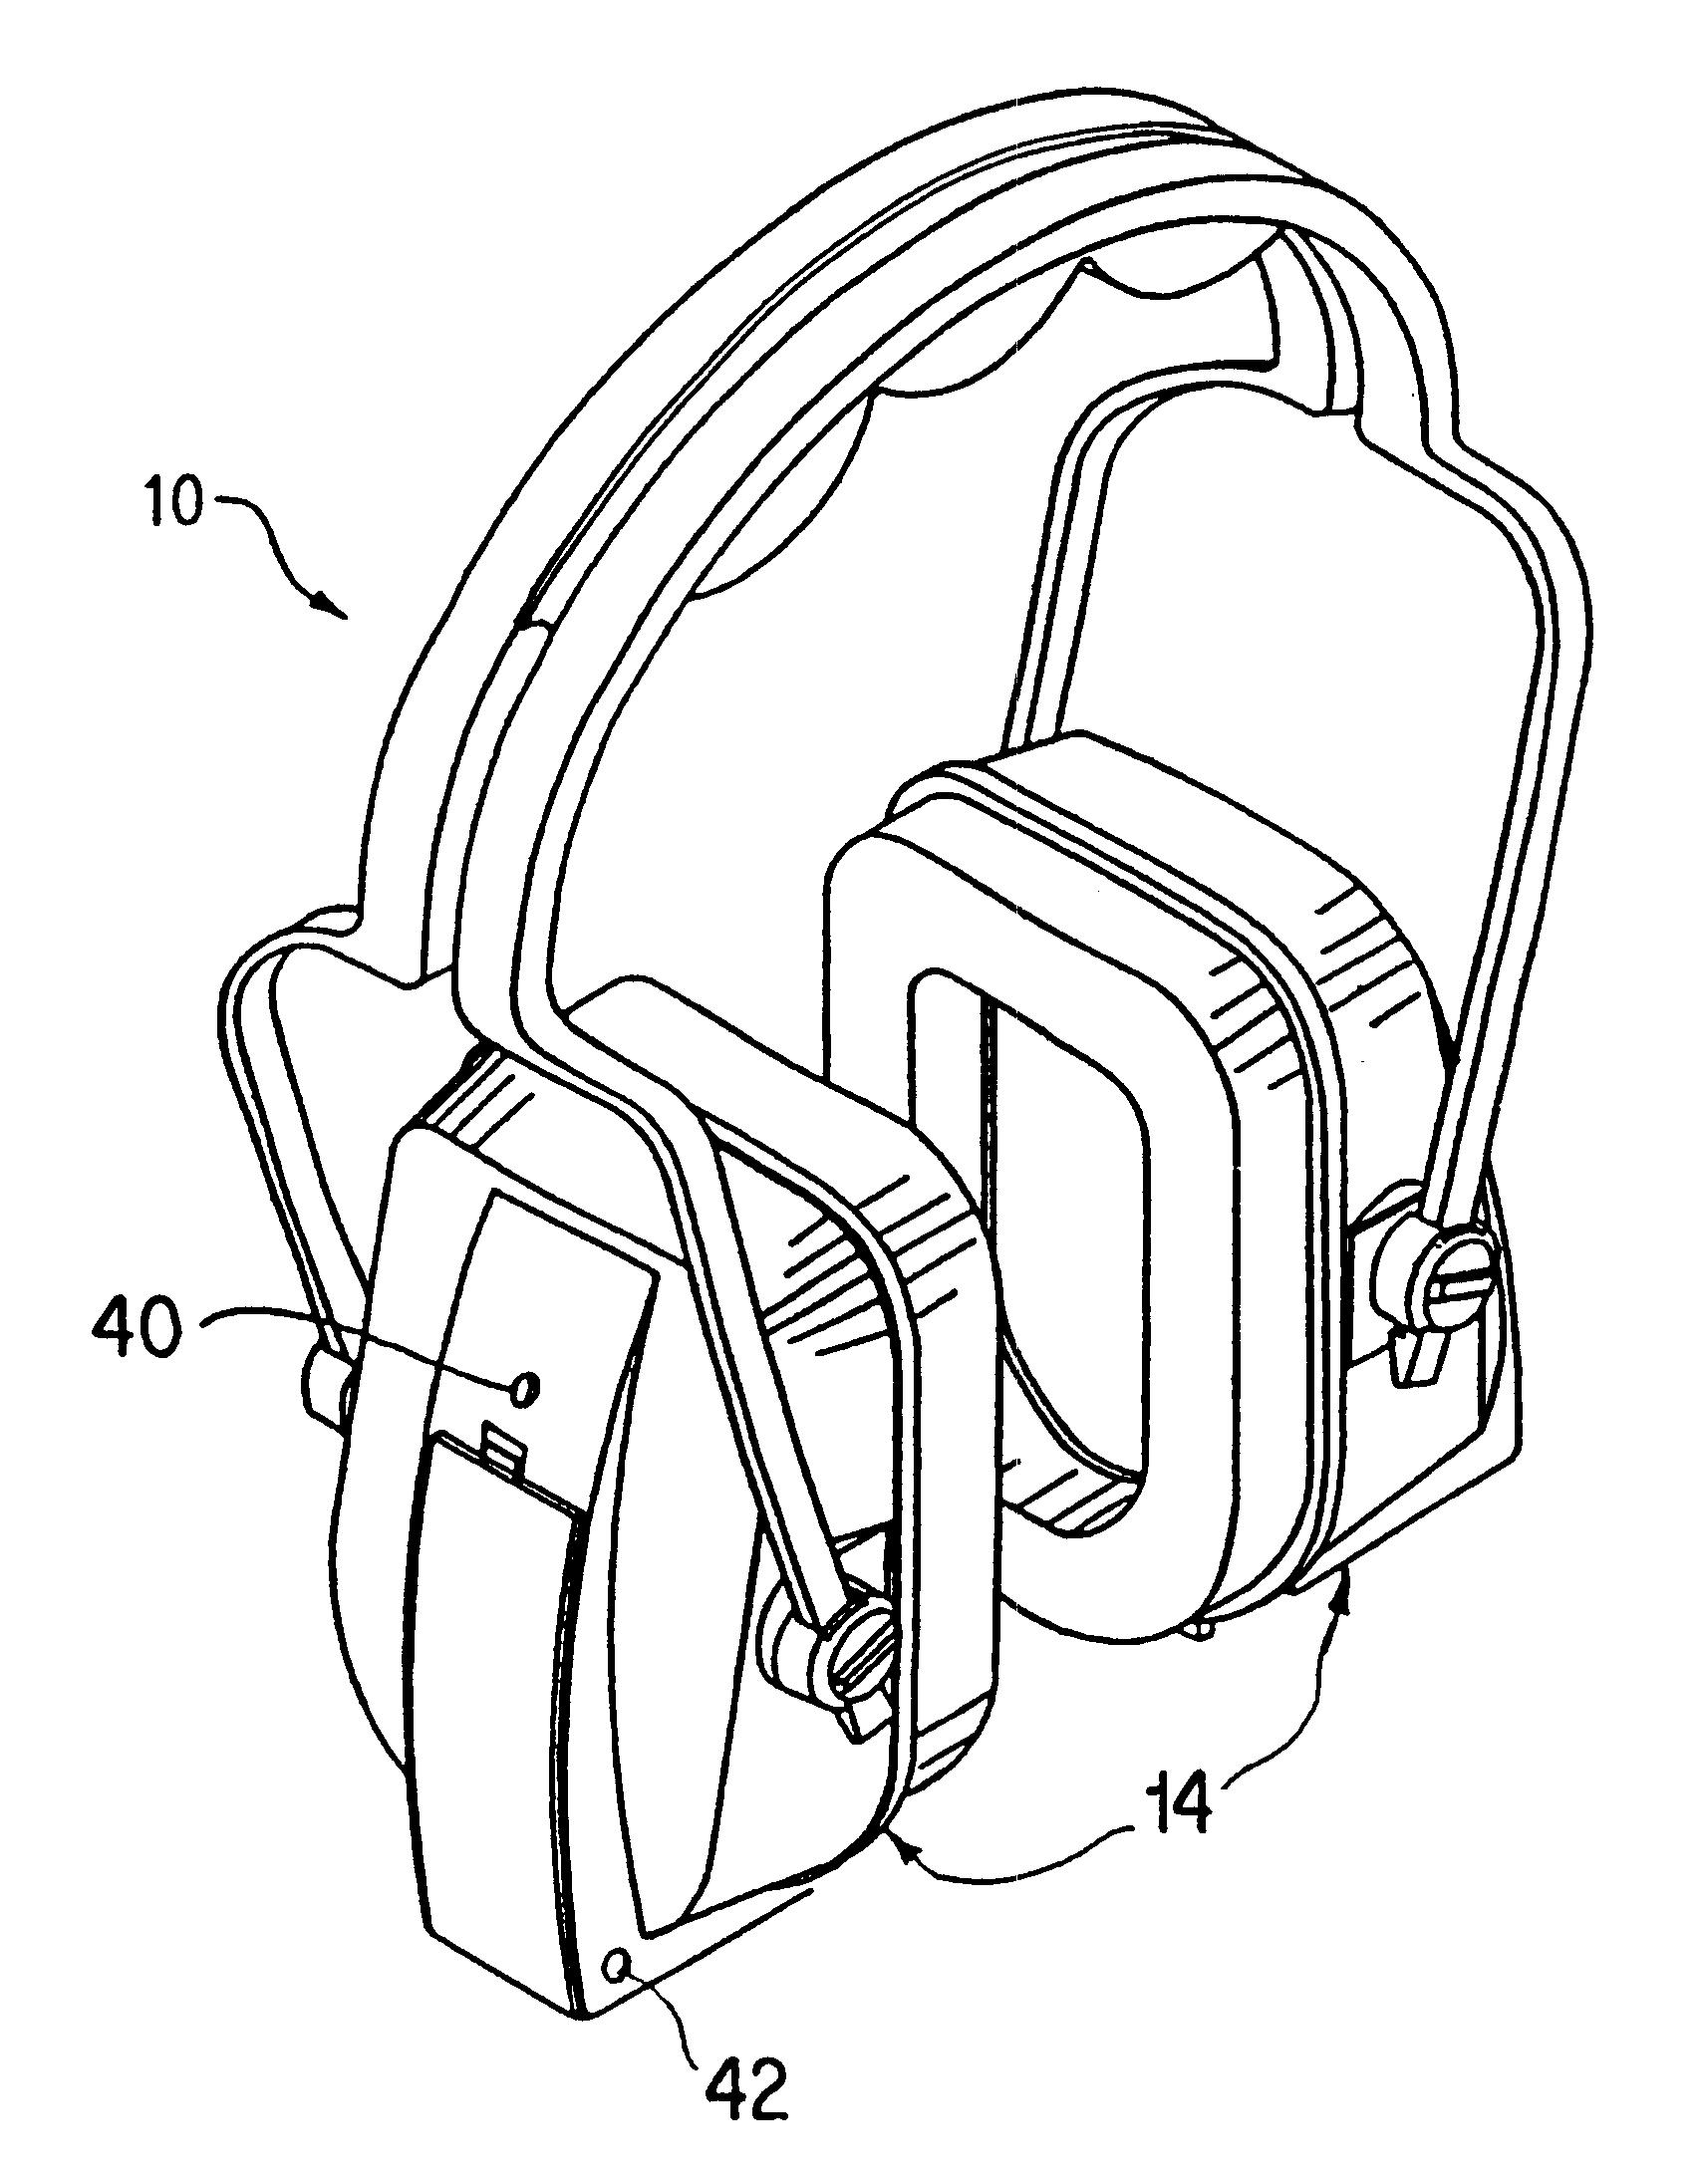 patent us6456199